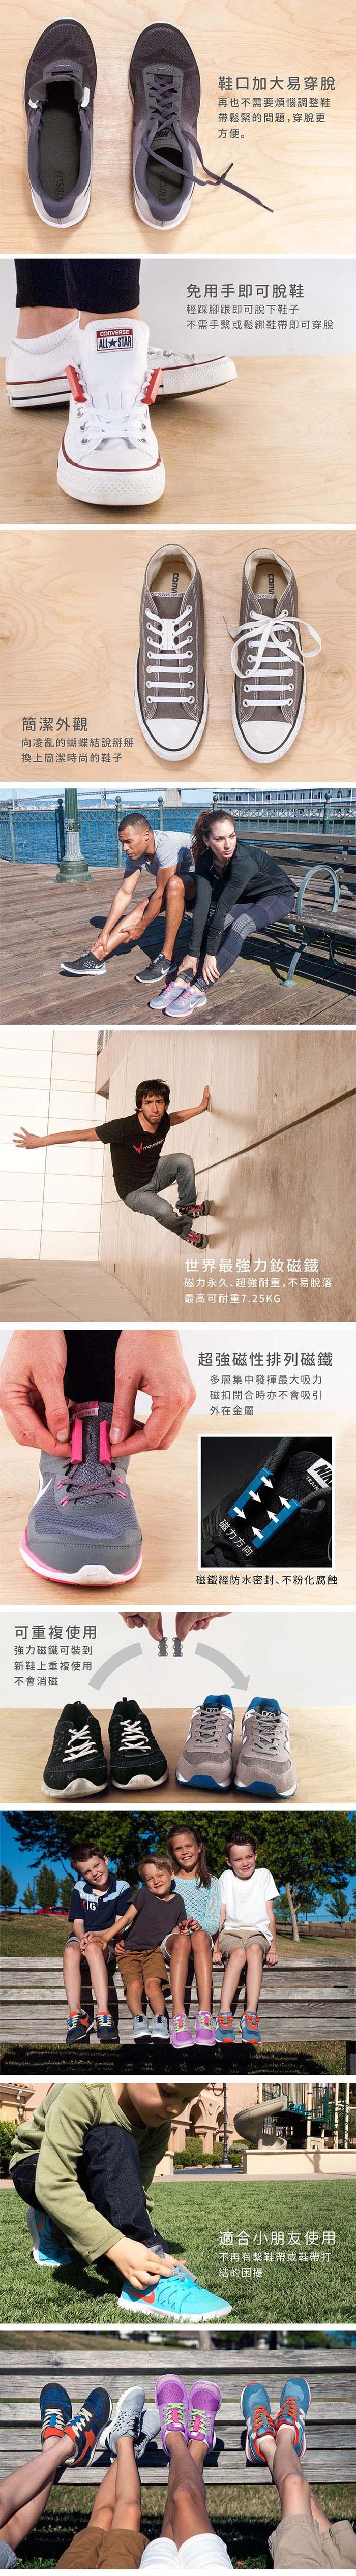 美國 Zubits │ 強磁鞋帶扣 2 號 - 絕黑